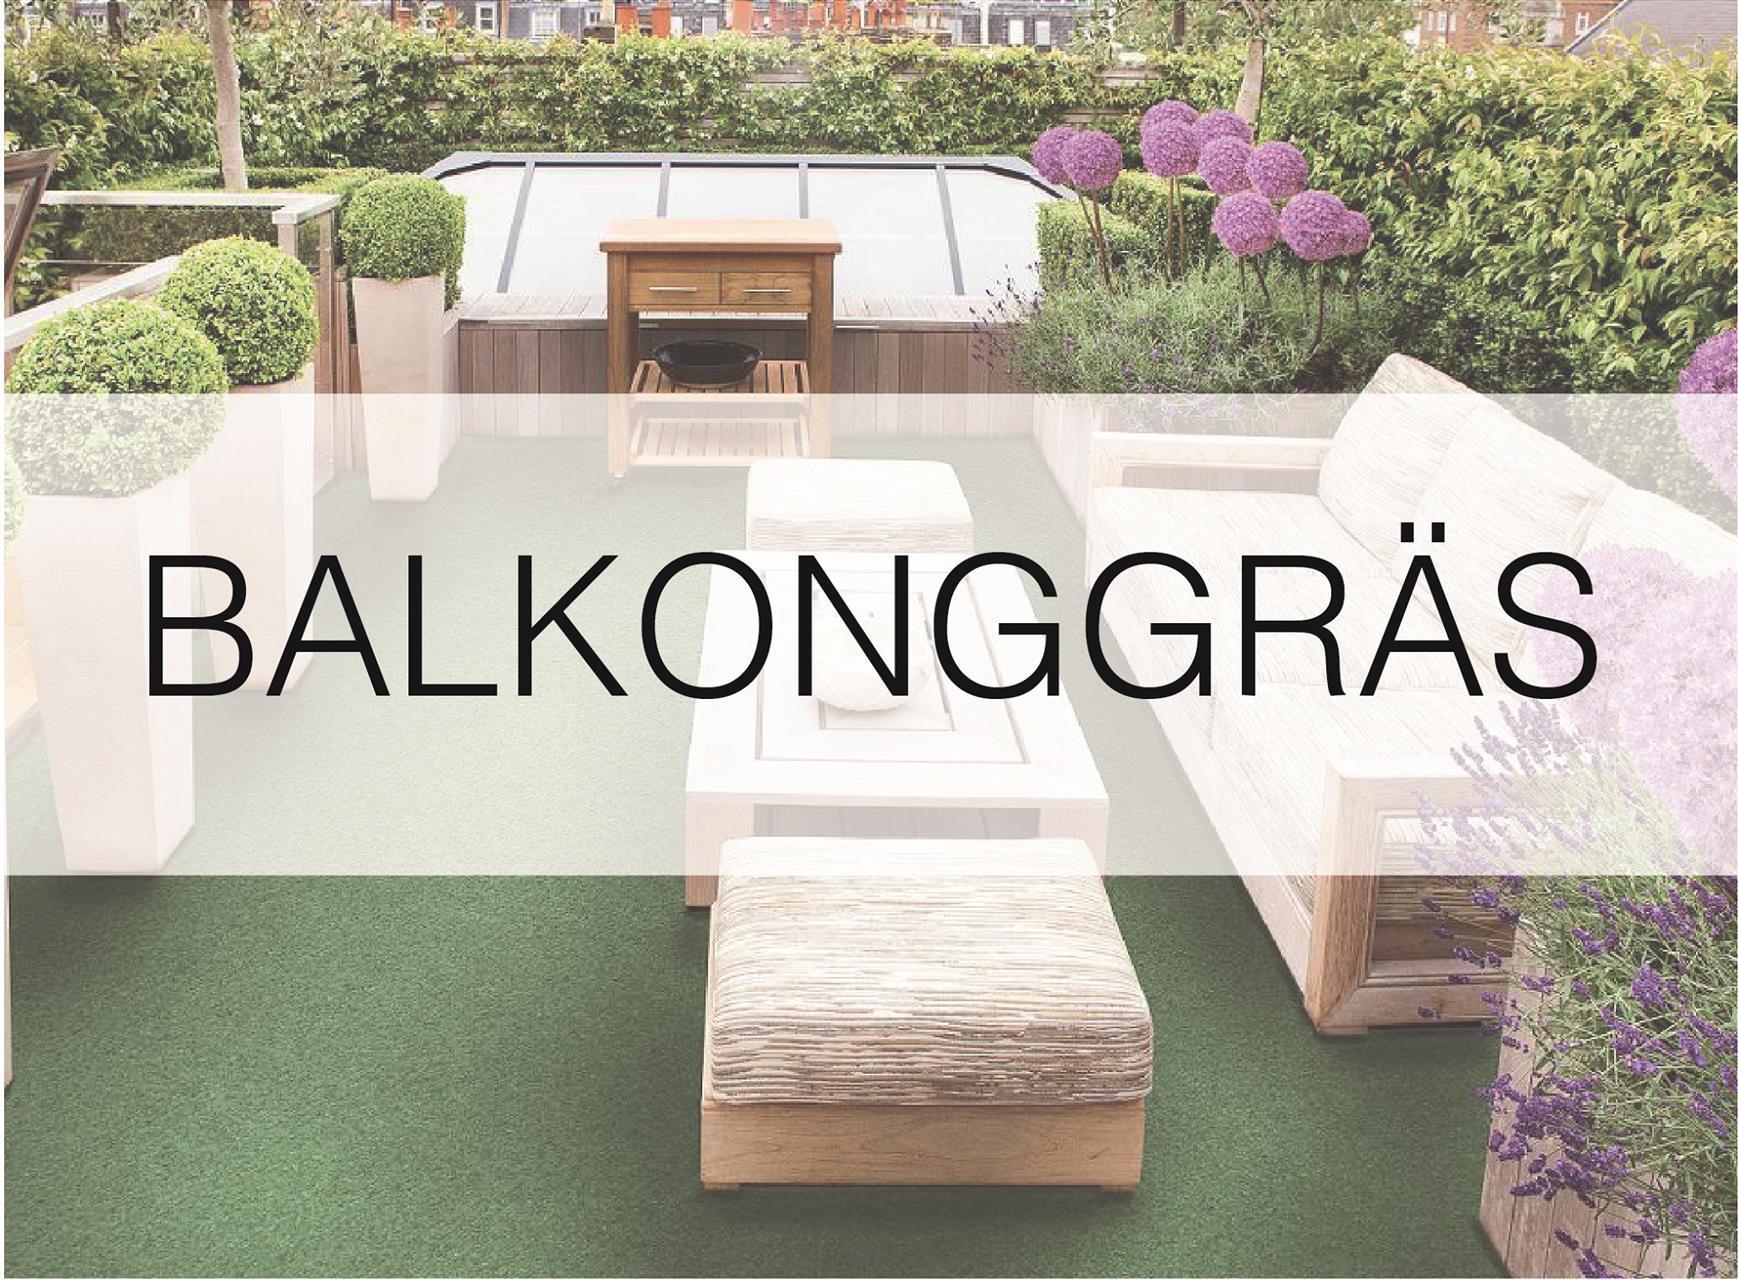 Balkonggräs